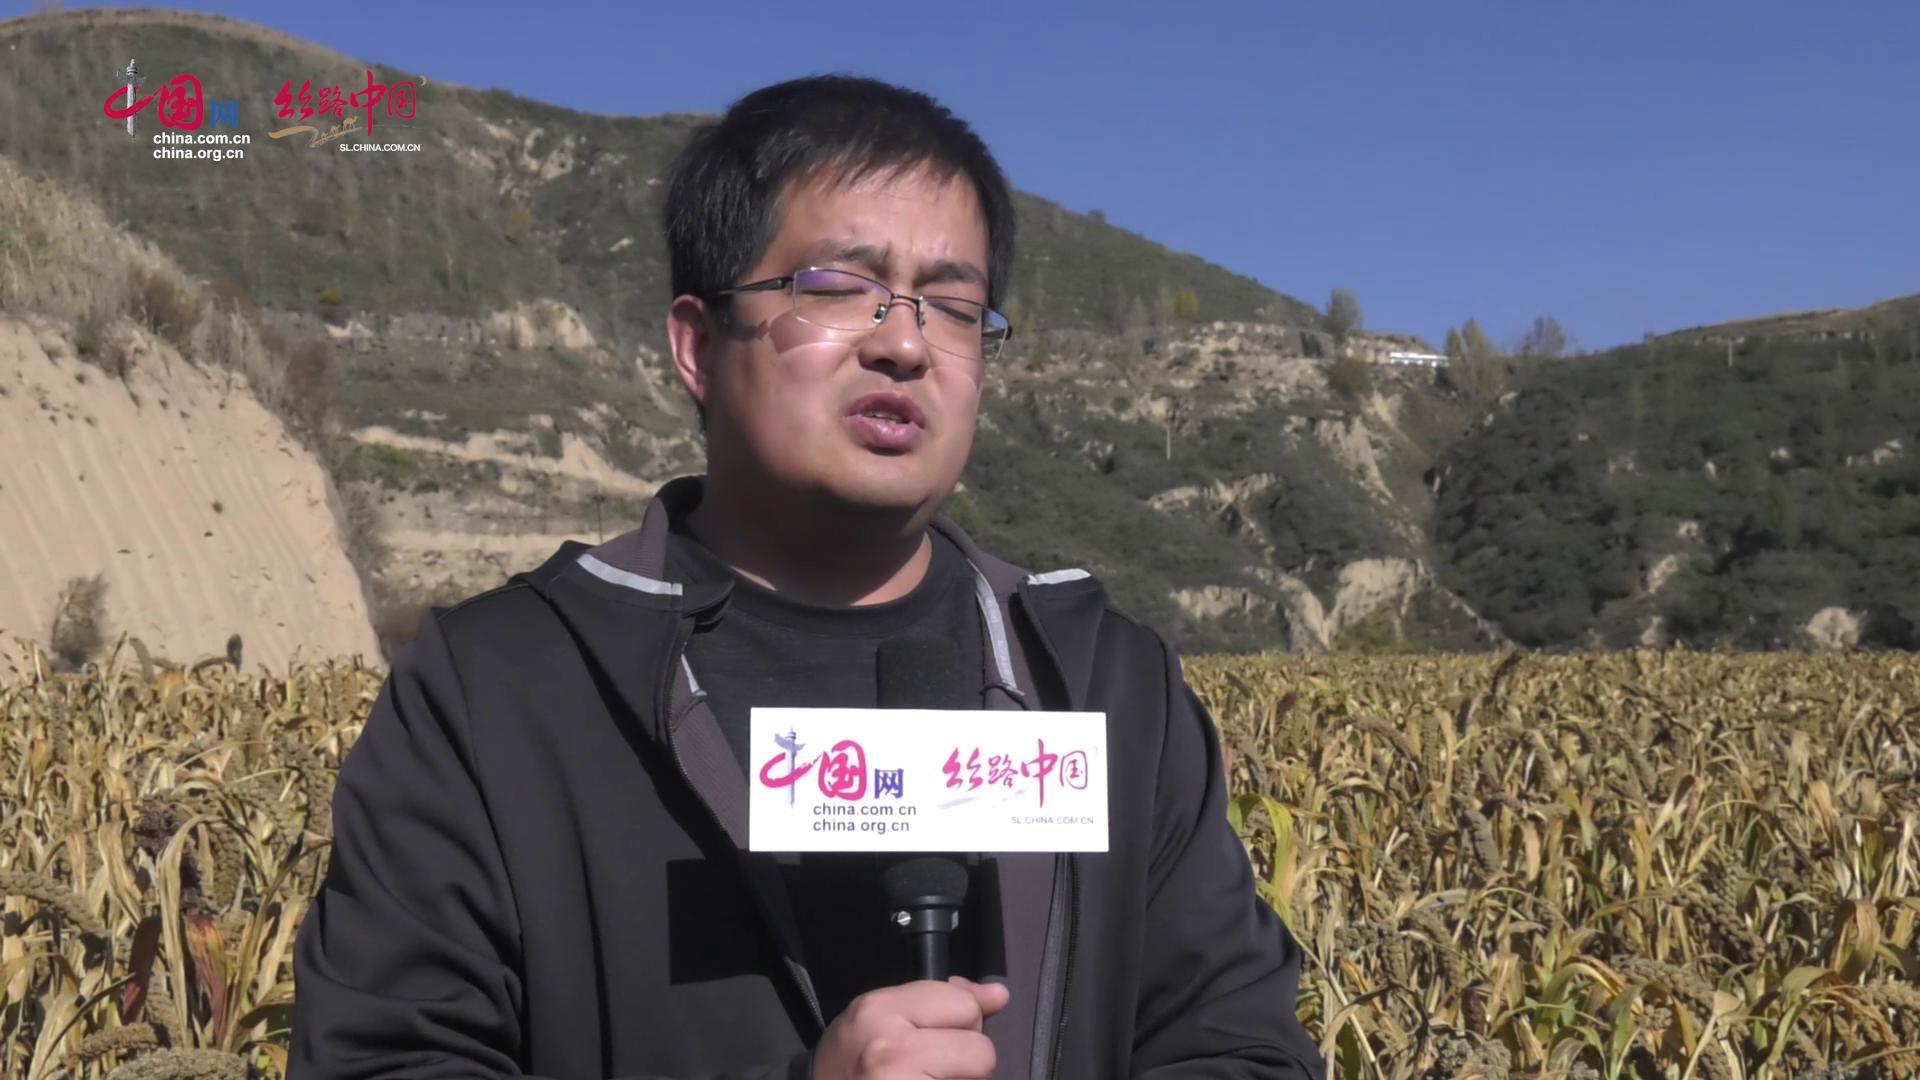 【视频】靖边四咀村:荒坡变良田 有机小米做成特色品牌